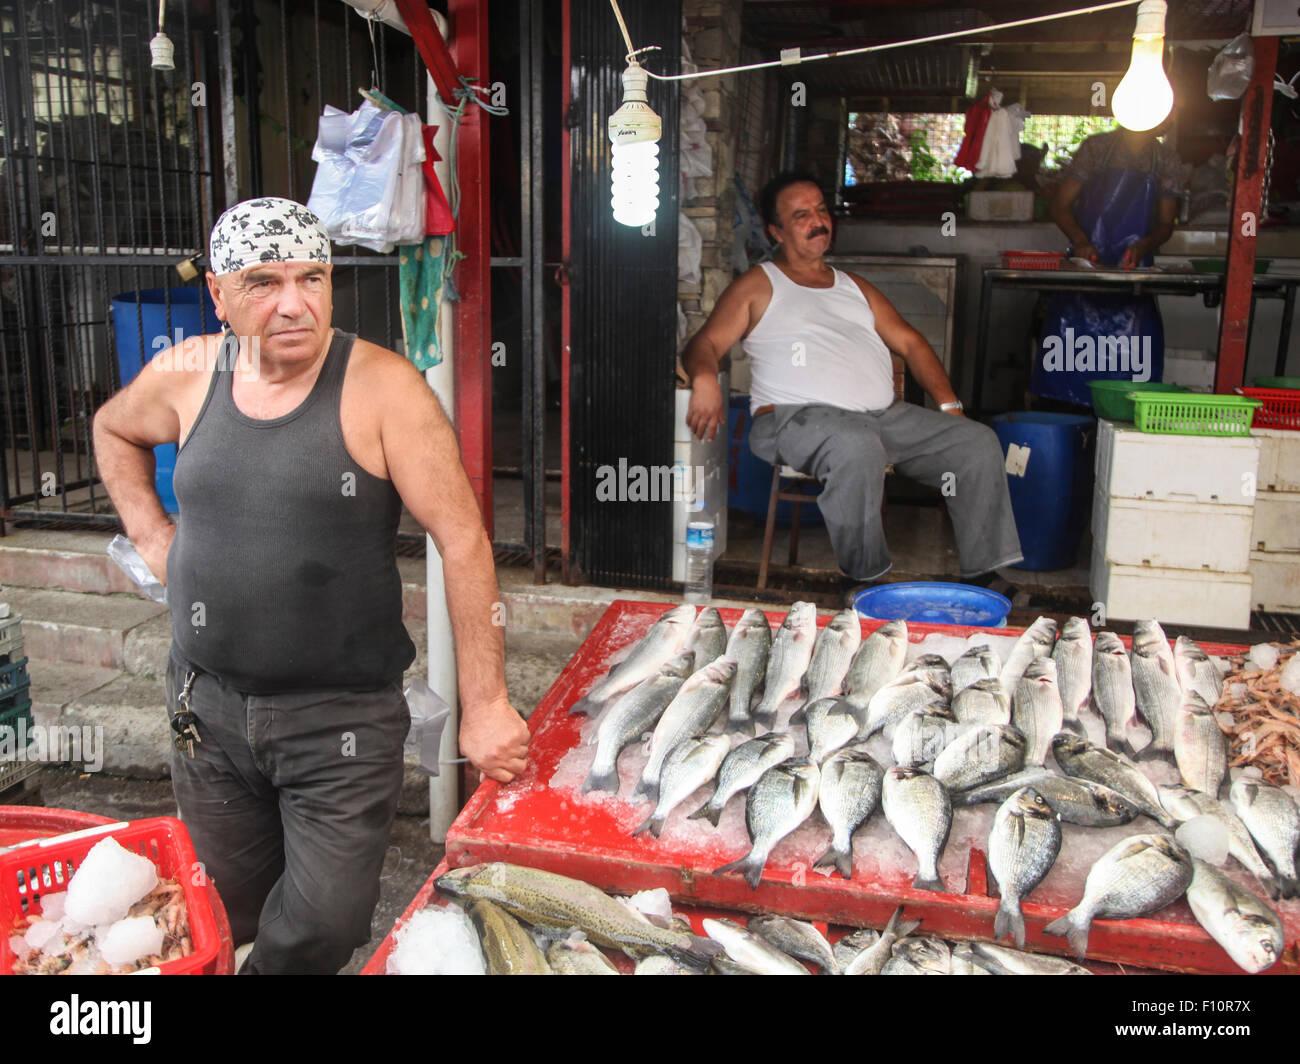 Pescatore sul mercato a Kusadasi, Turchia Immagini Stock